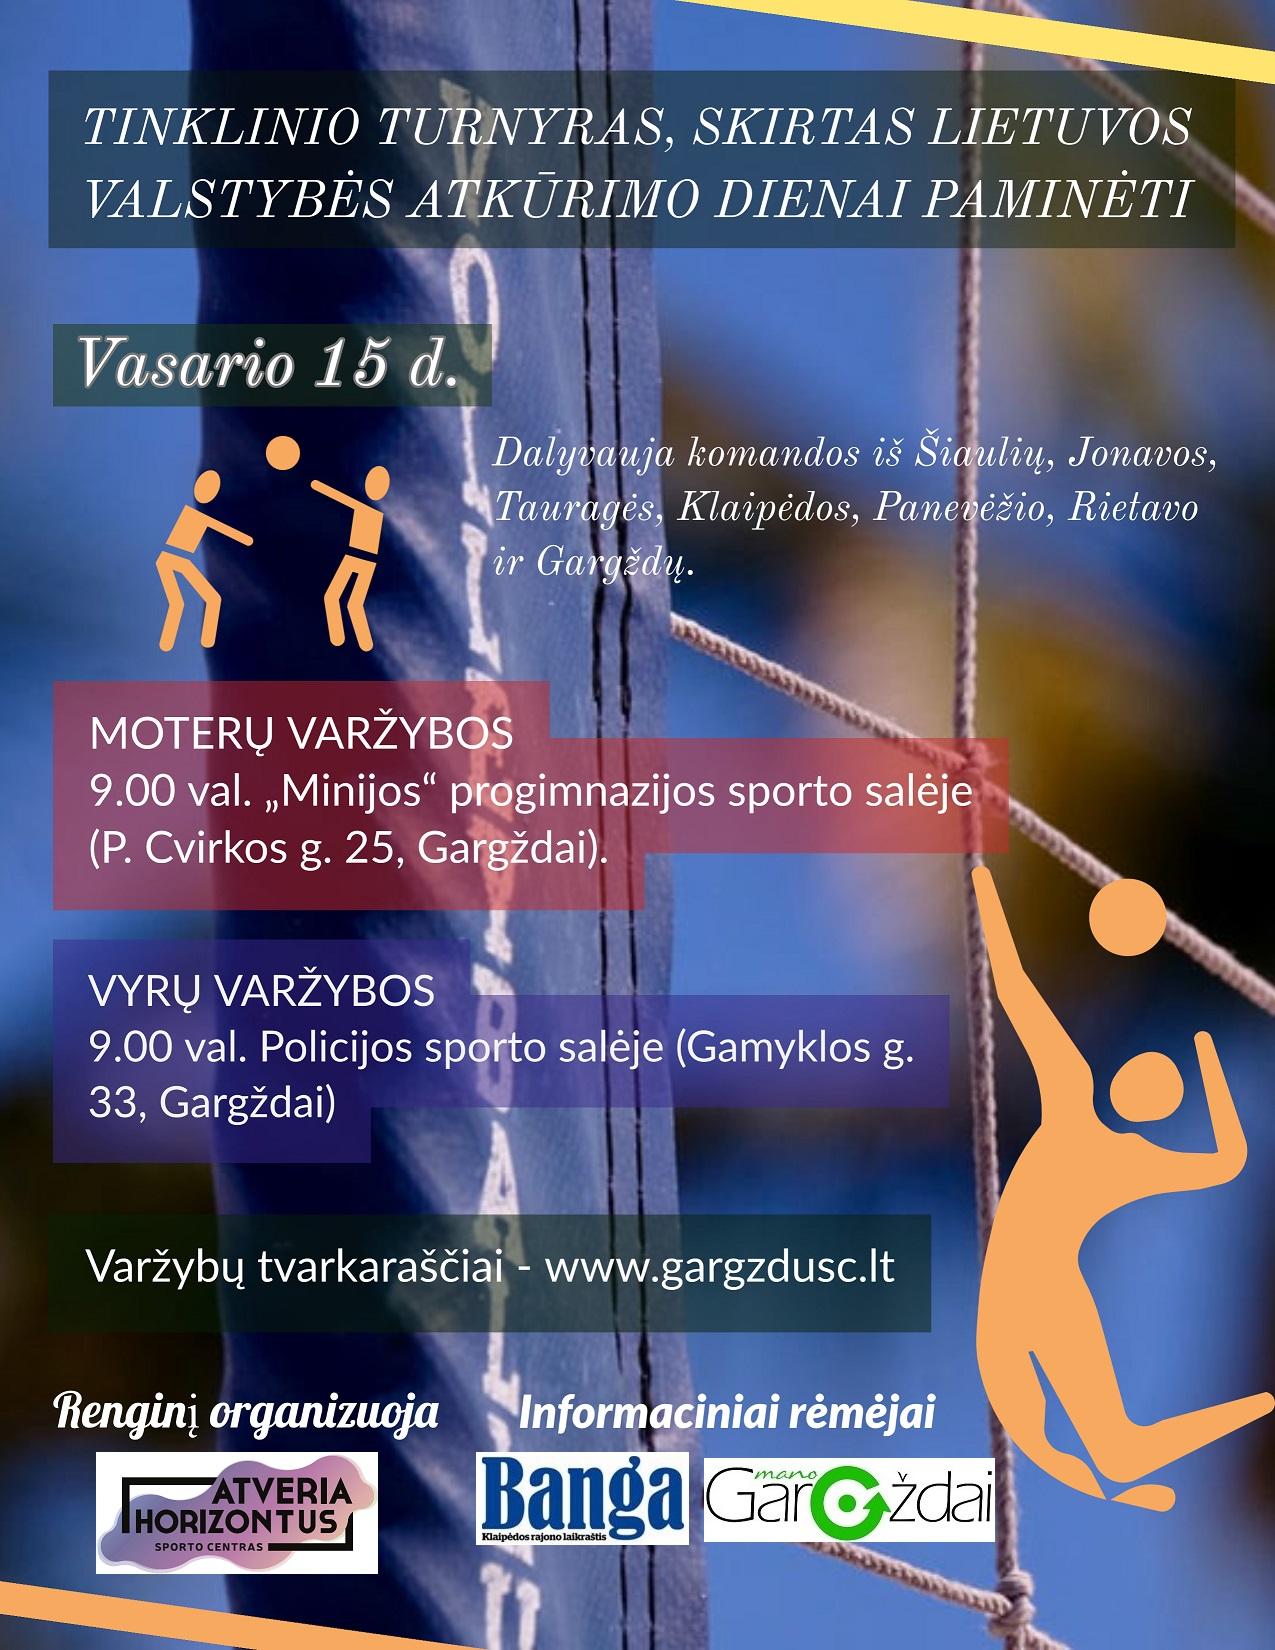 Šeštadienį Gargžduose – tinklinio turnyras, skirtas Lietuvos valstybės atkūrimo dienai paminėti